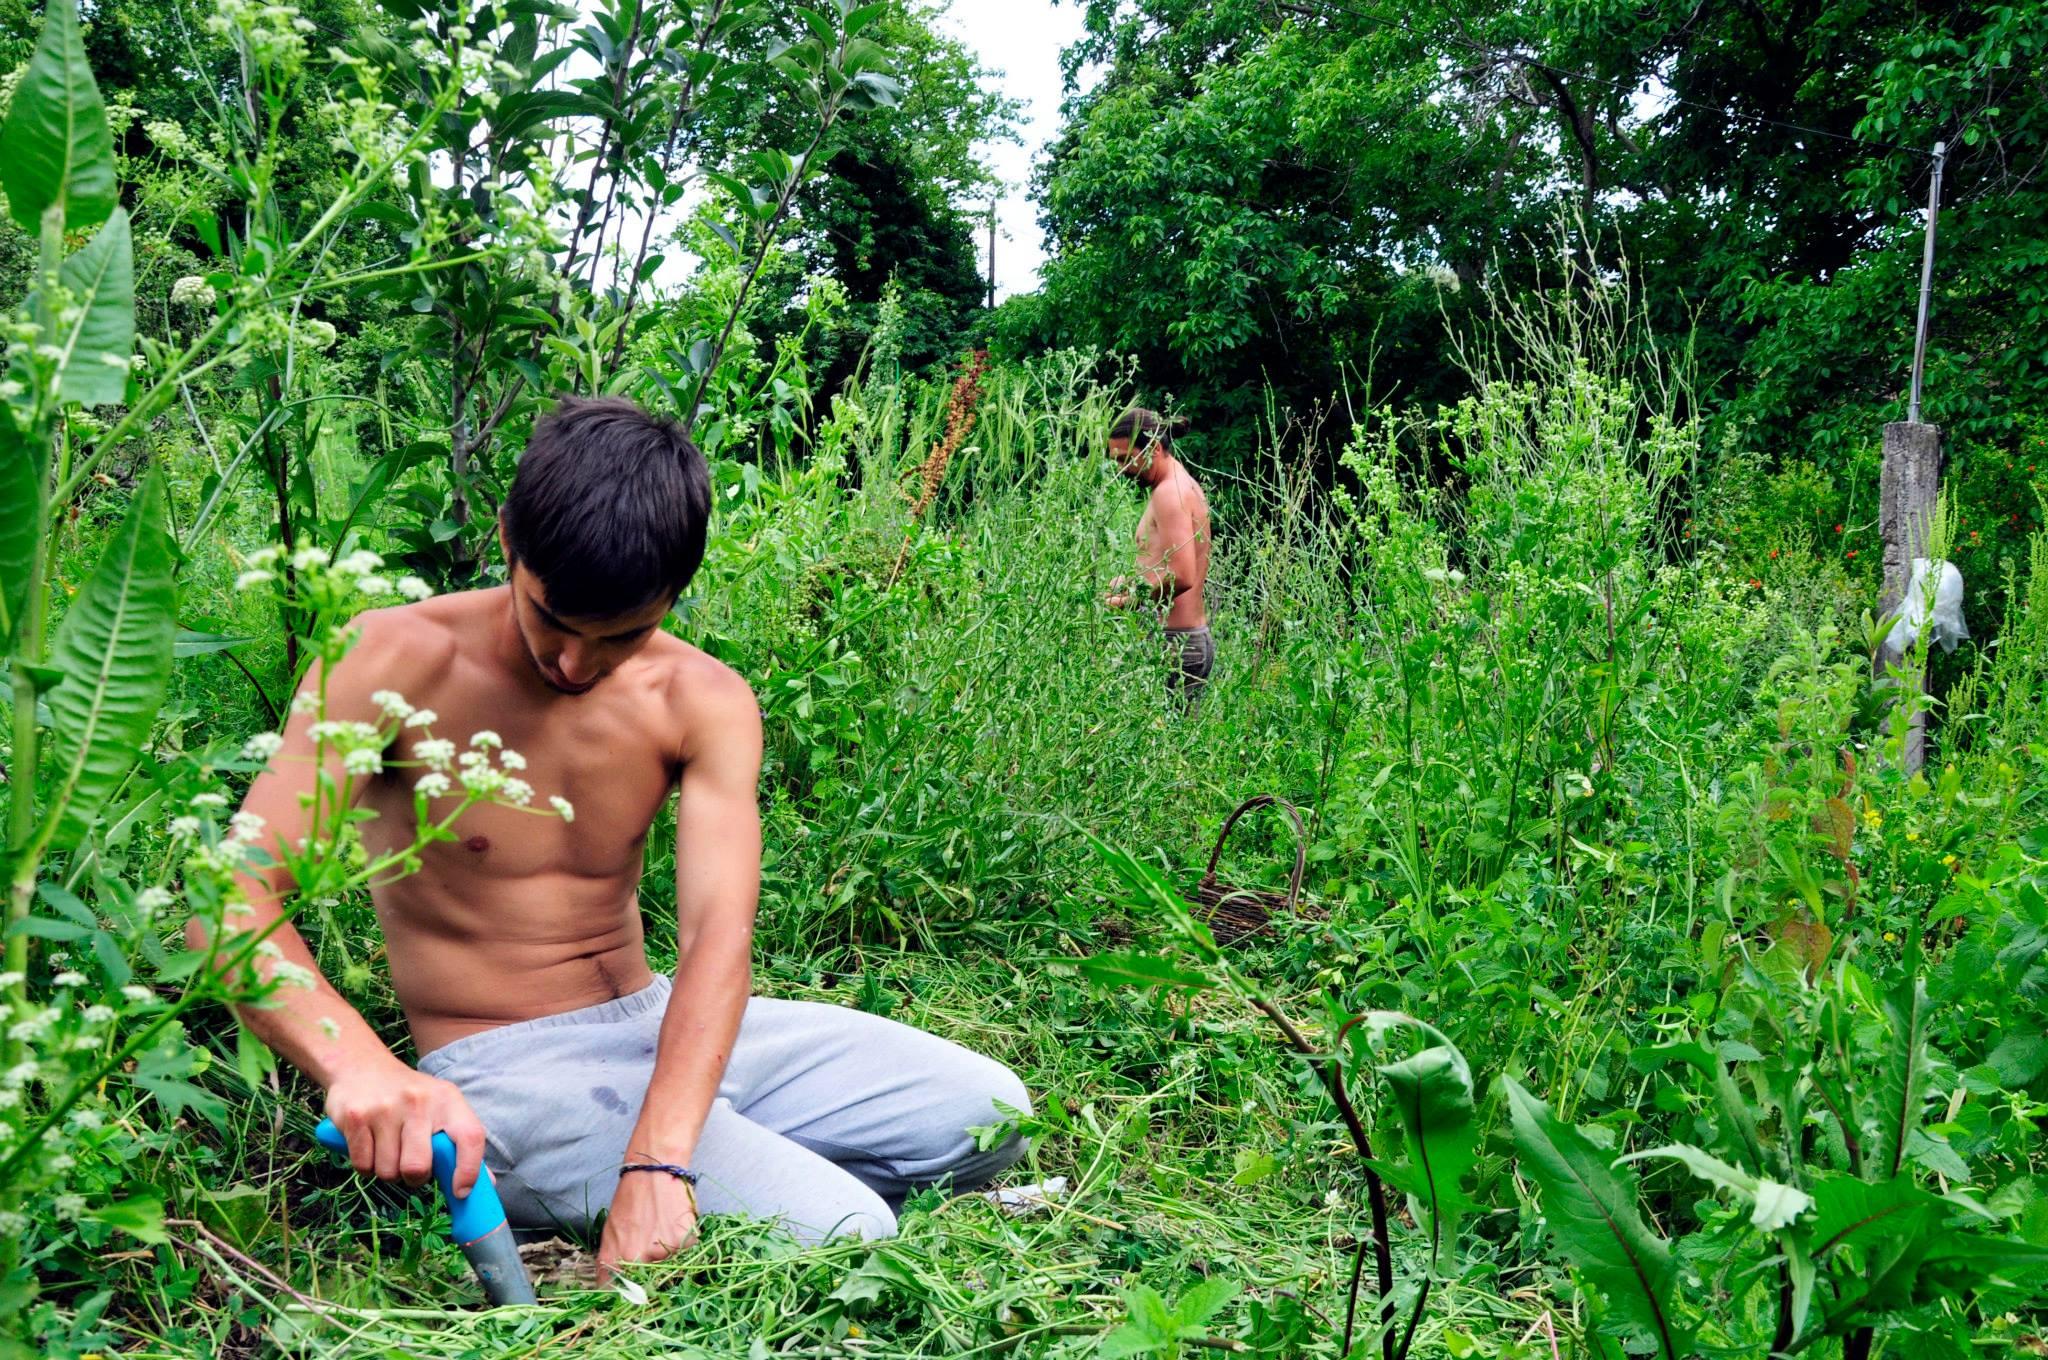 resposta-crise-jovens-fundam-comunidade-sustentavel-grecia5